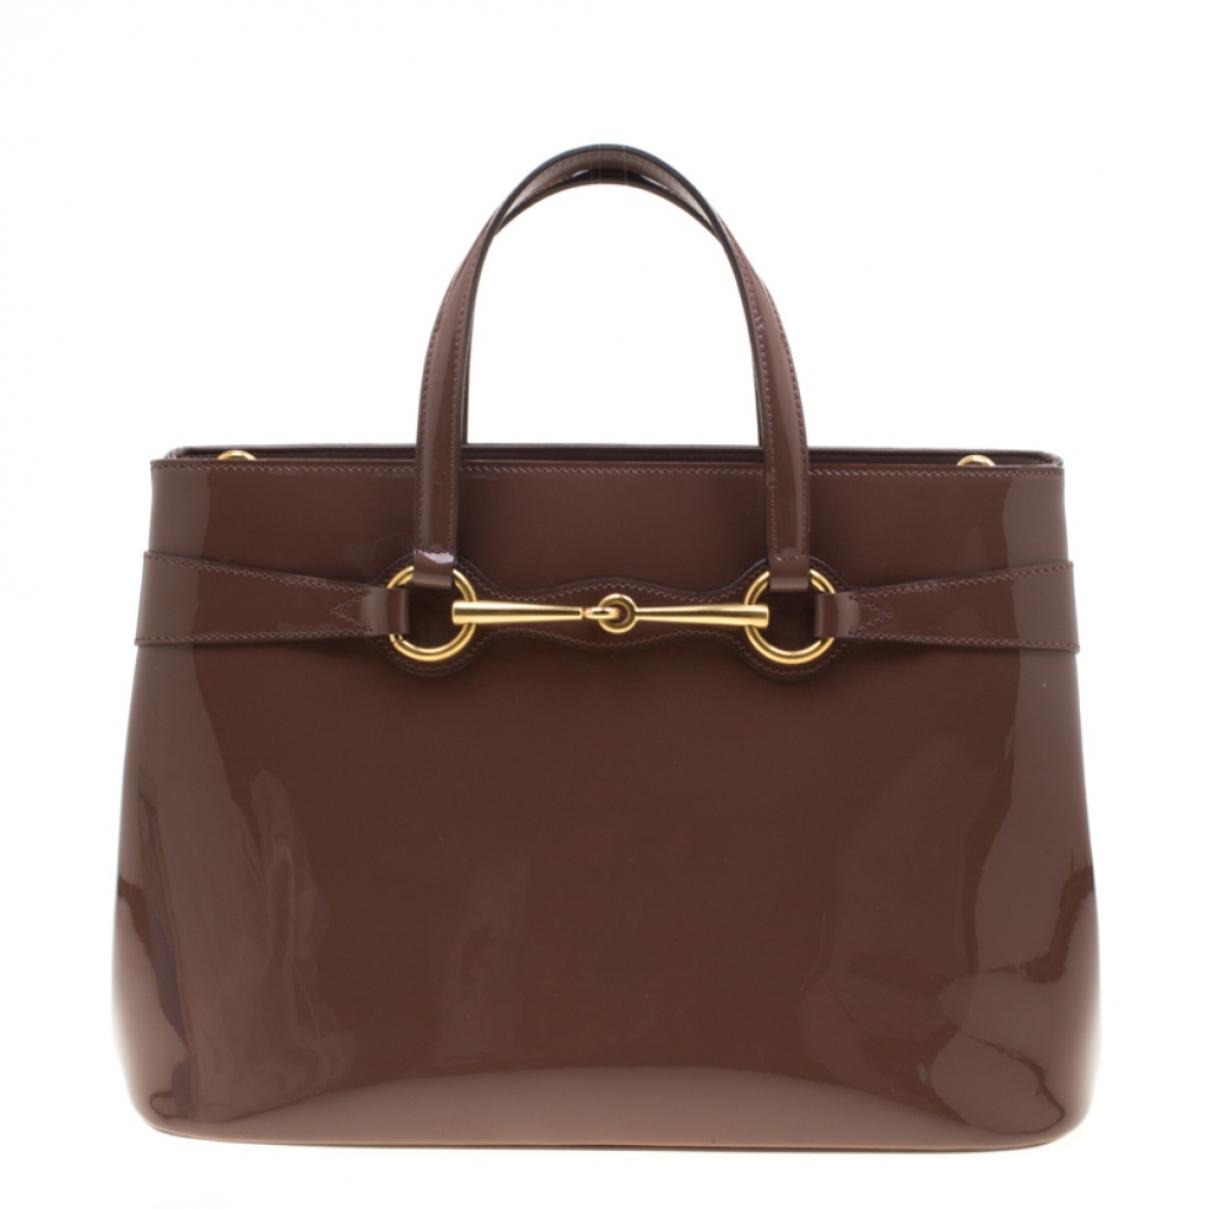 Gucci \N Handtasche in  Braun Lackleder